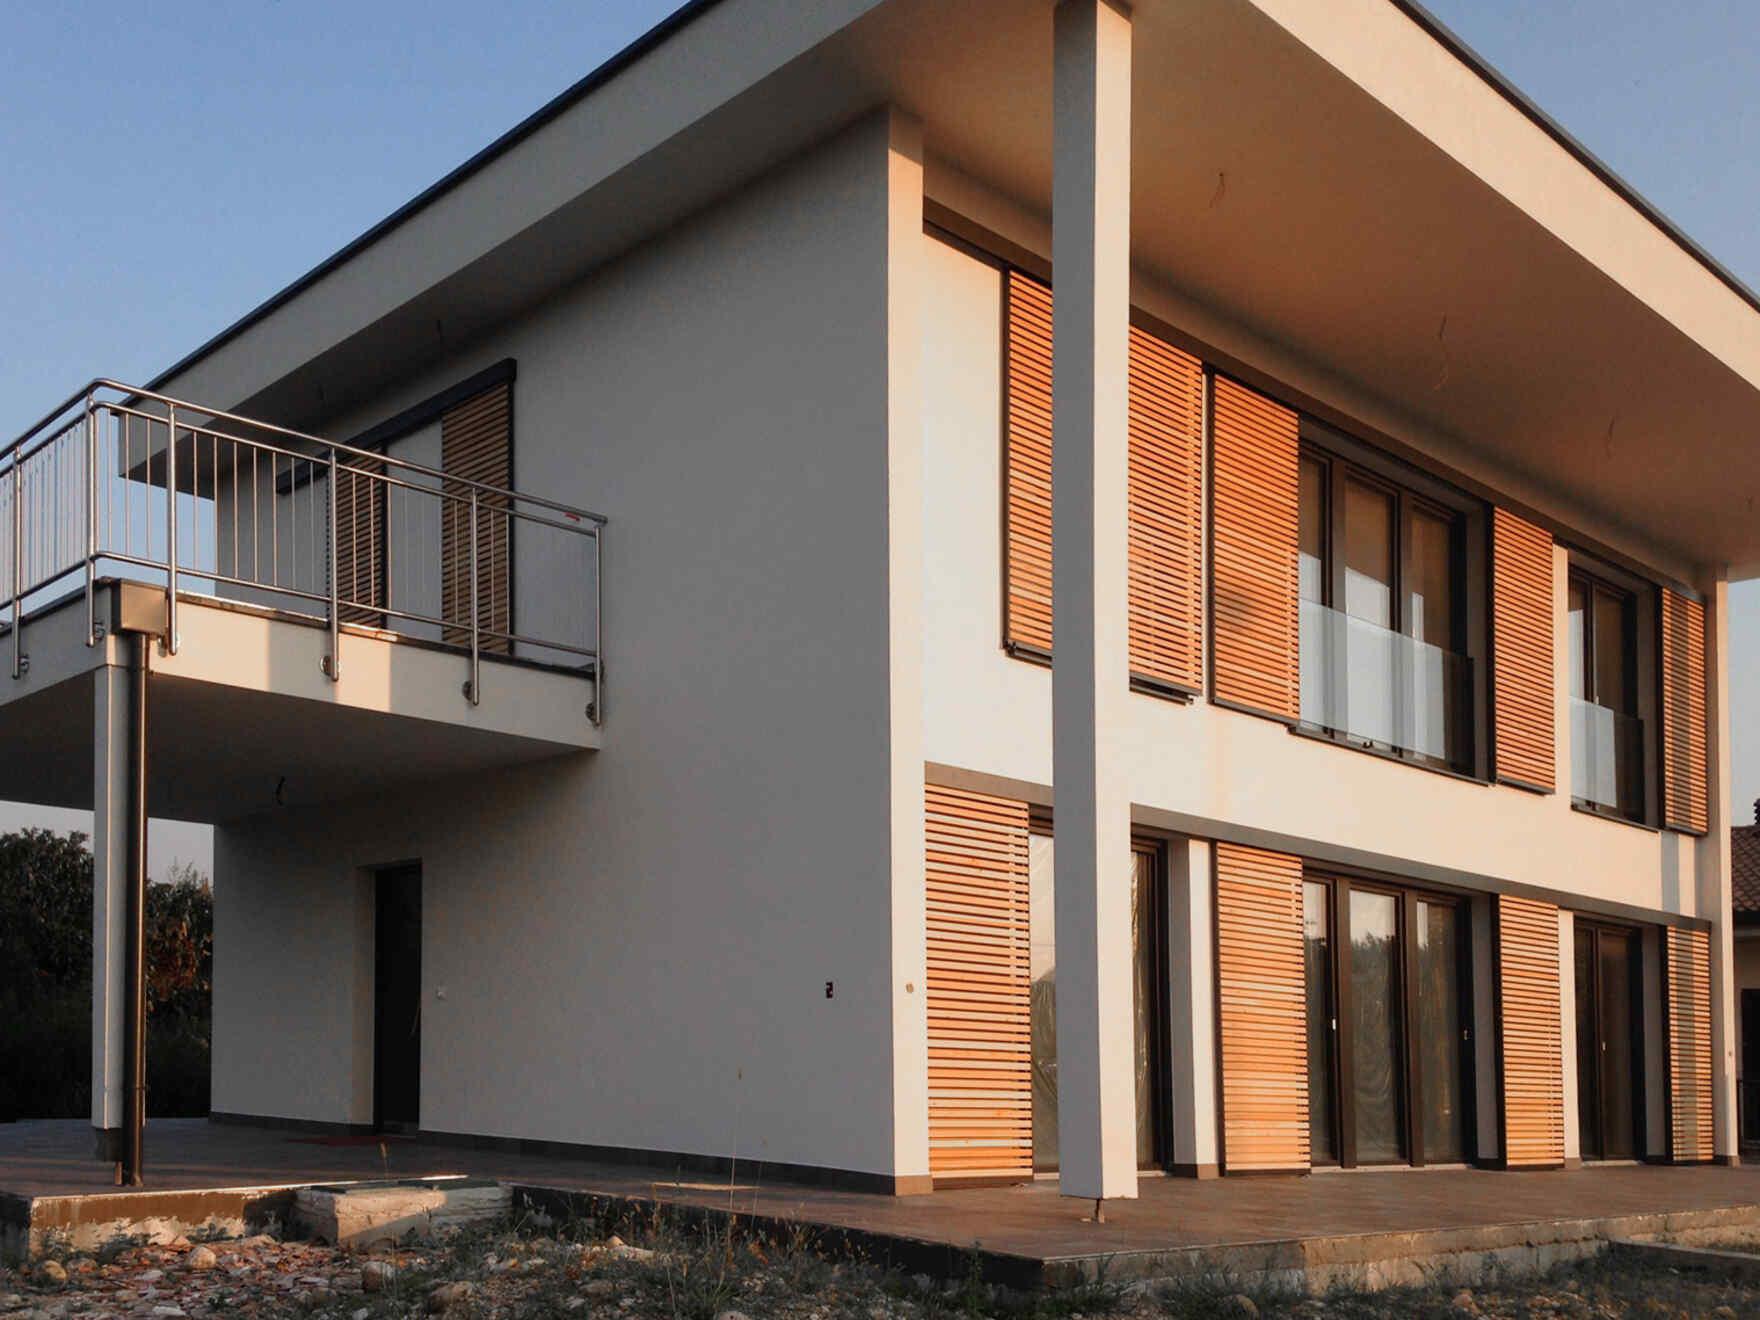 Maison préfabriquée famiglia Lavarini